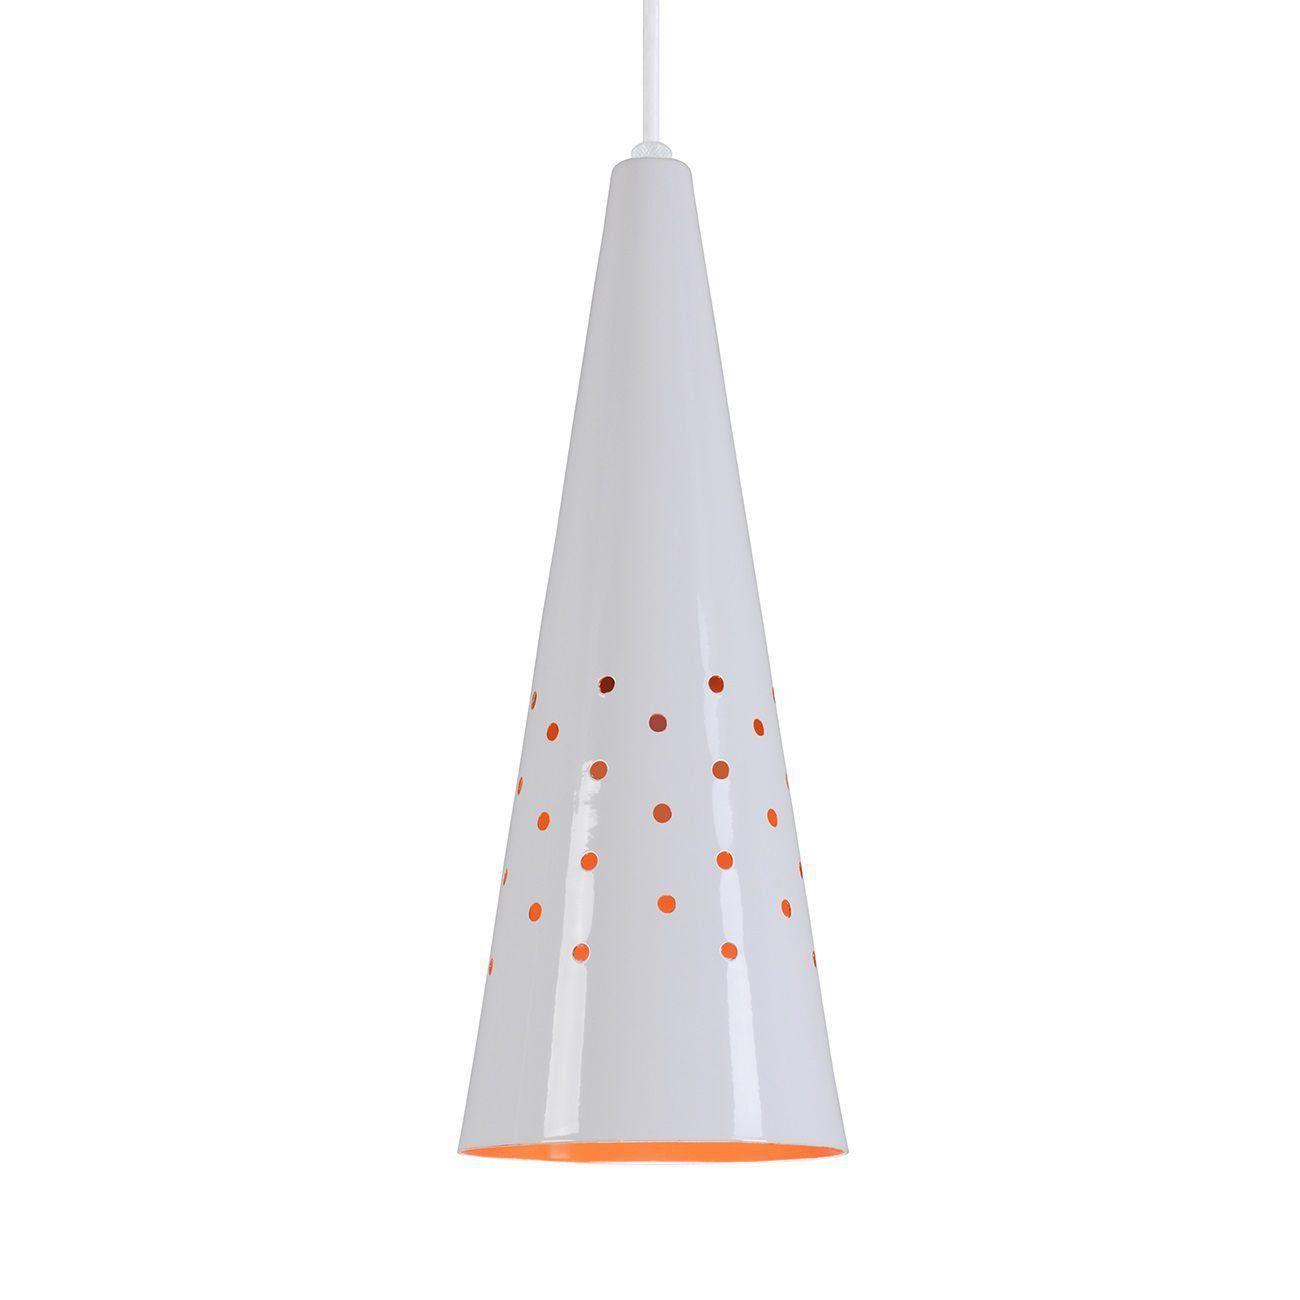 Pendente Cone Furado Luminária Lustre Alumínio Branco Brilhante C/ Laranja - Rei Da Iluminação